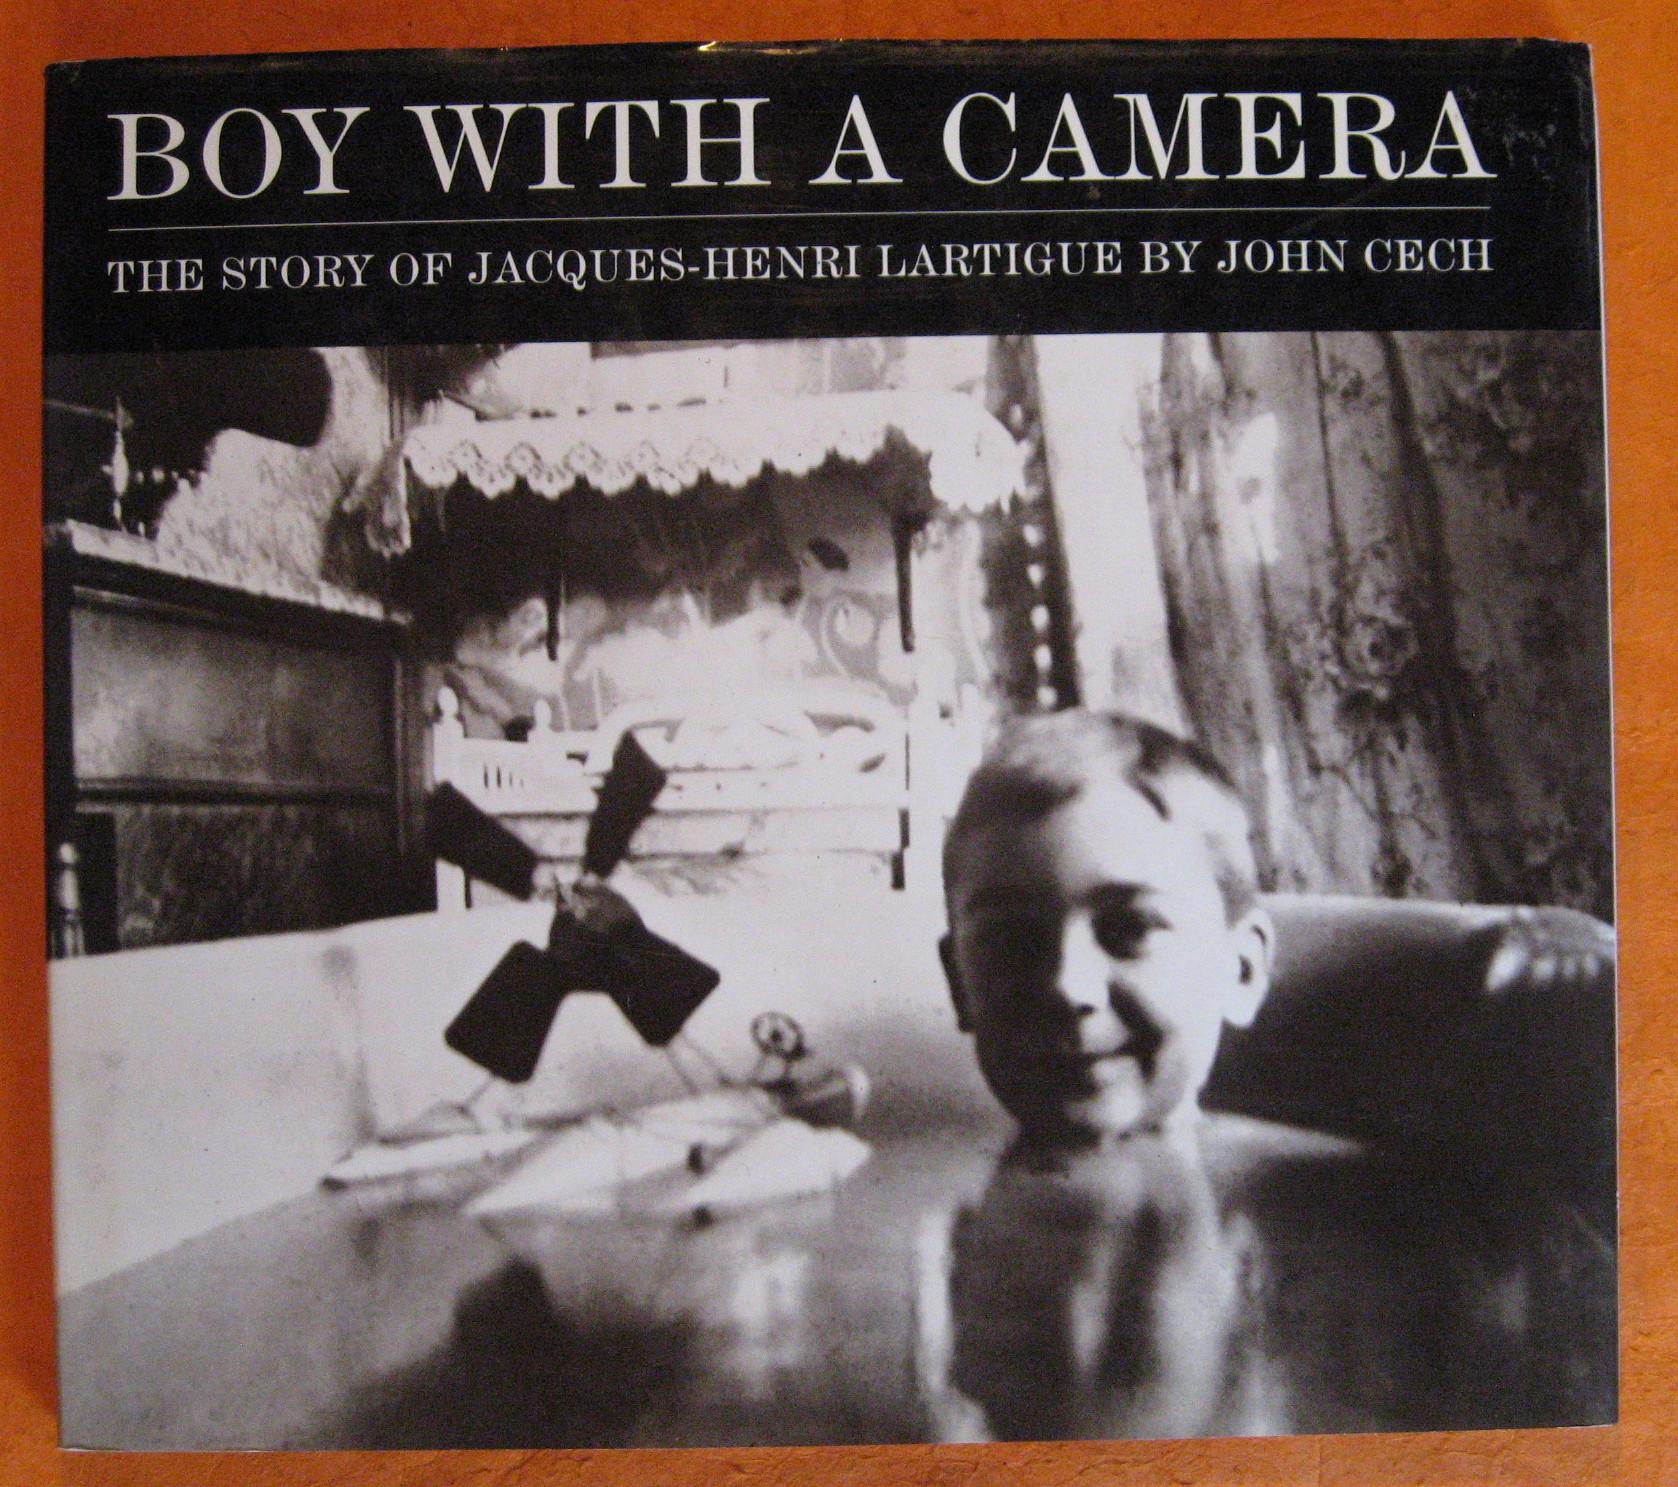 Boy with a Camera: Story of Jacques-Henri Lartigue, Cech, John